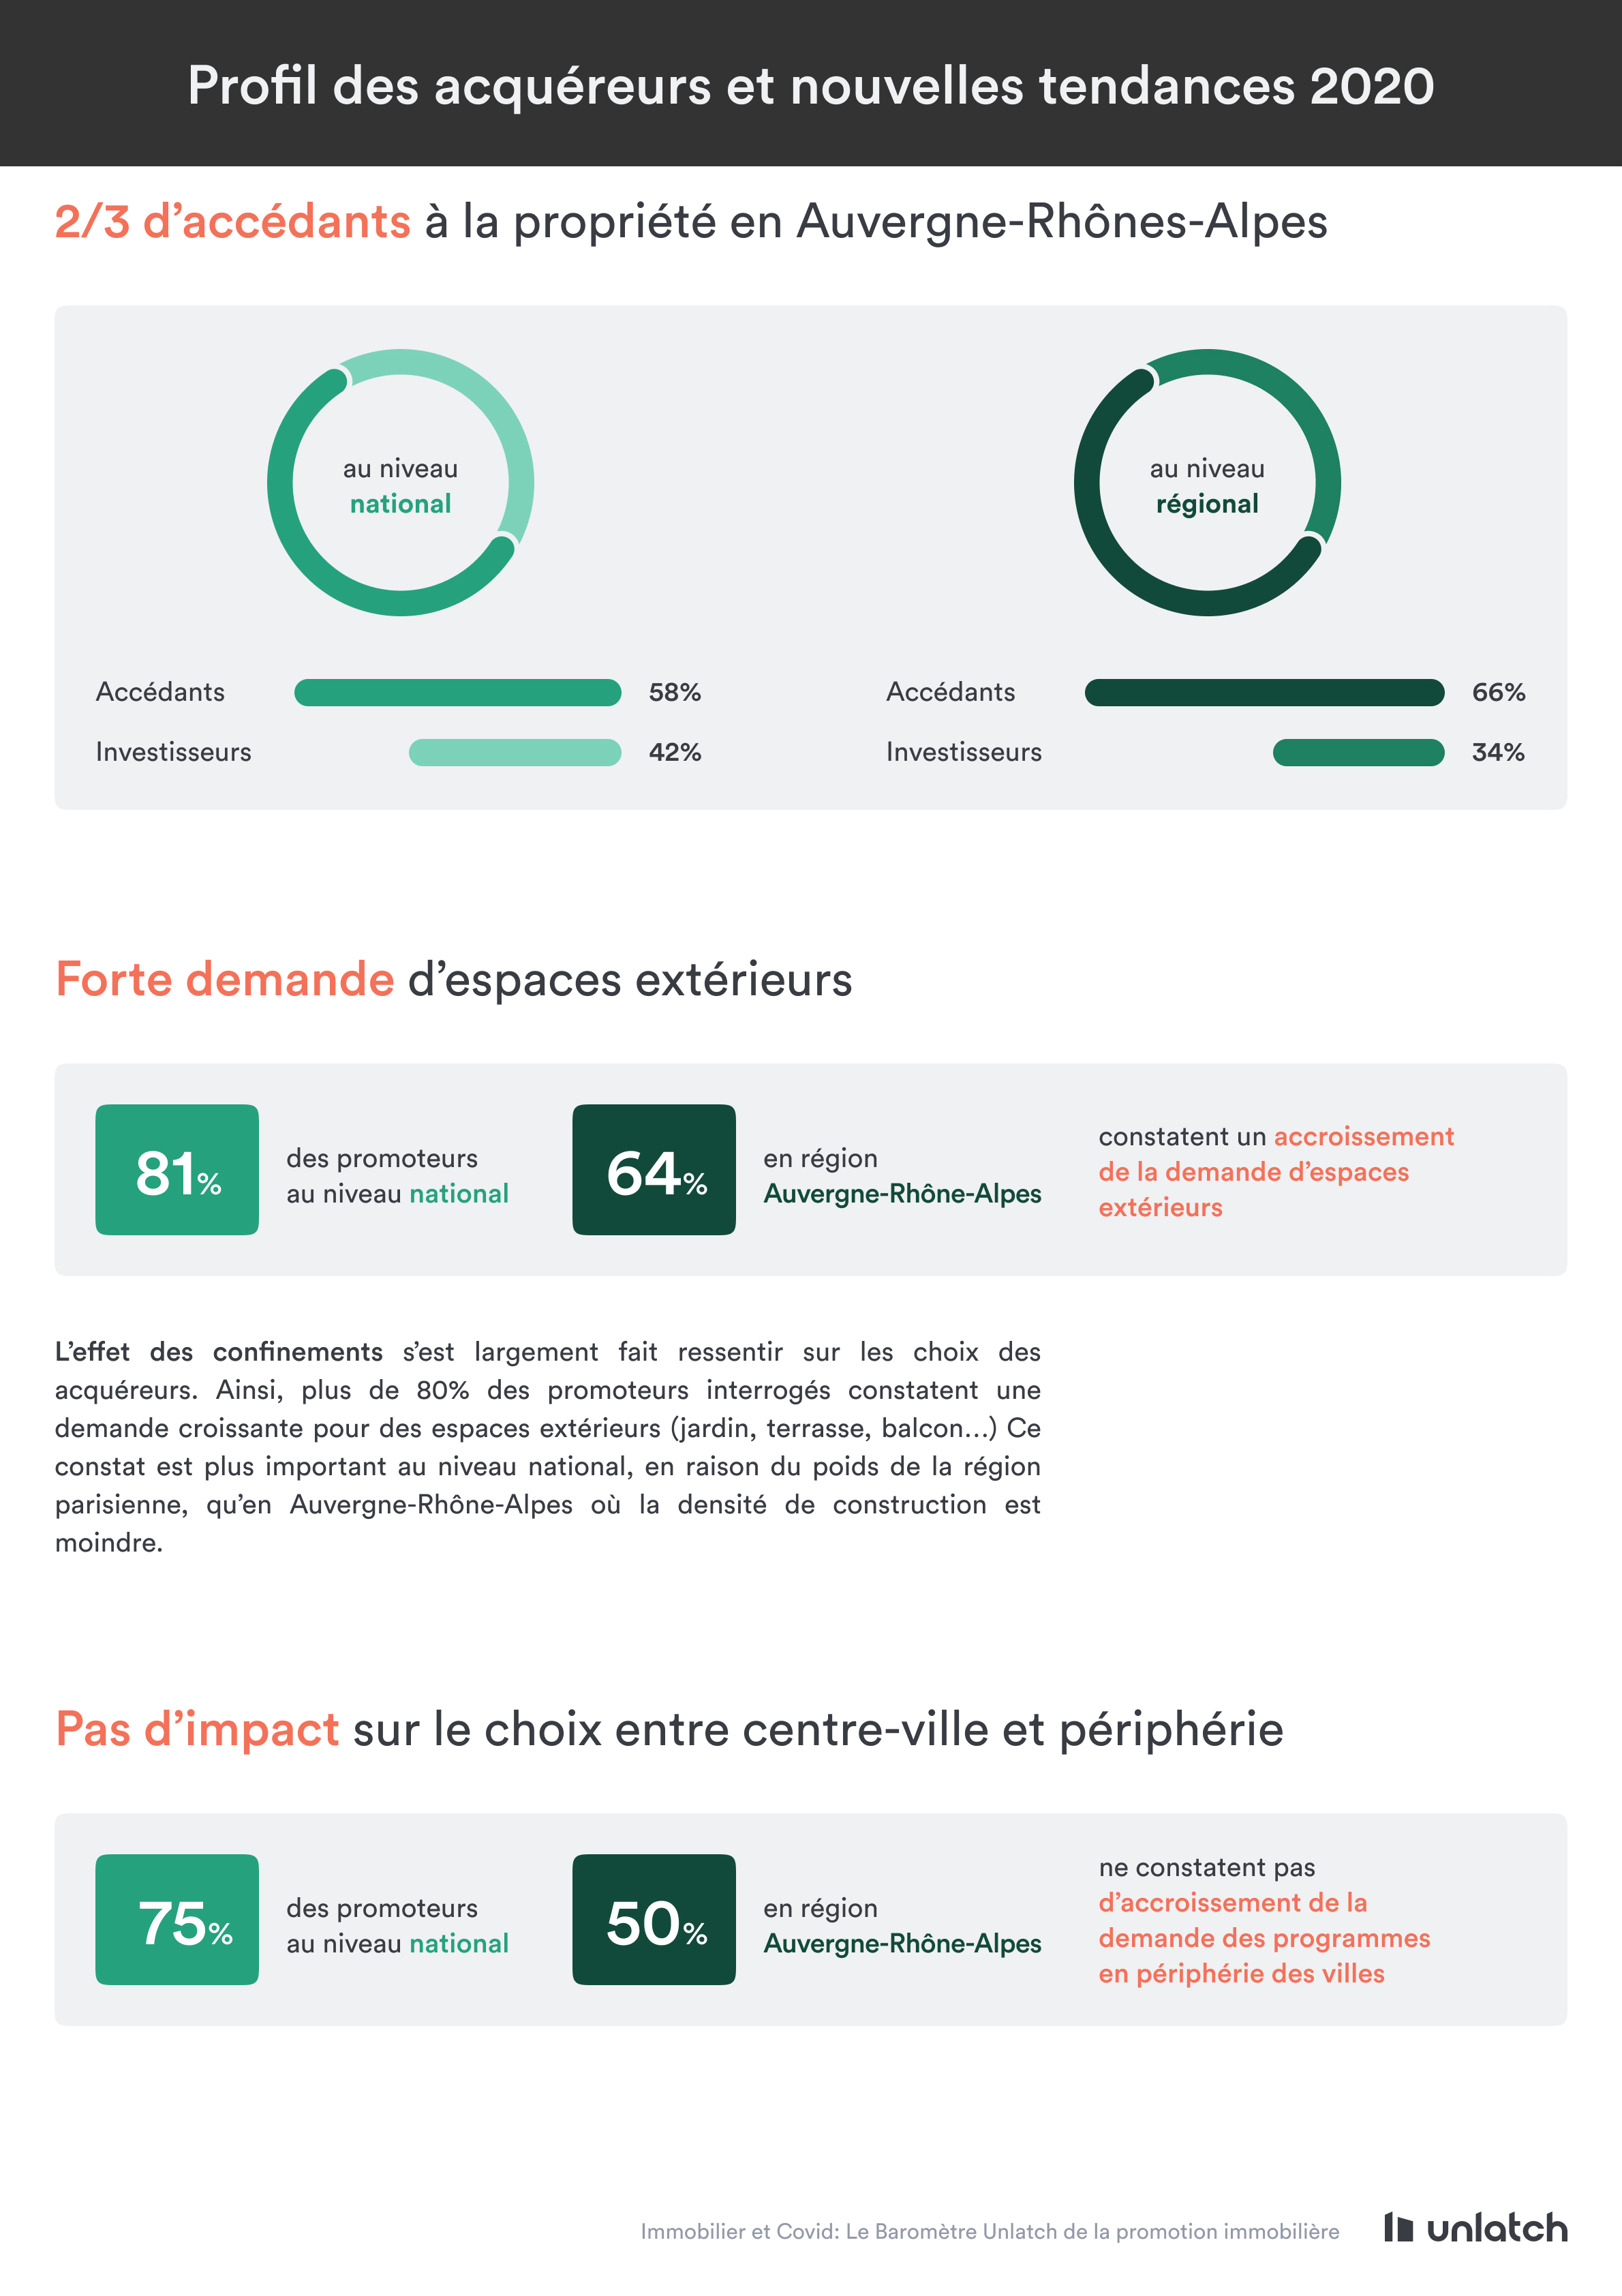 profil des acquéreurs et nouvelles tendances